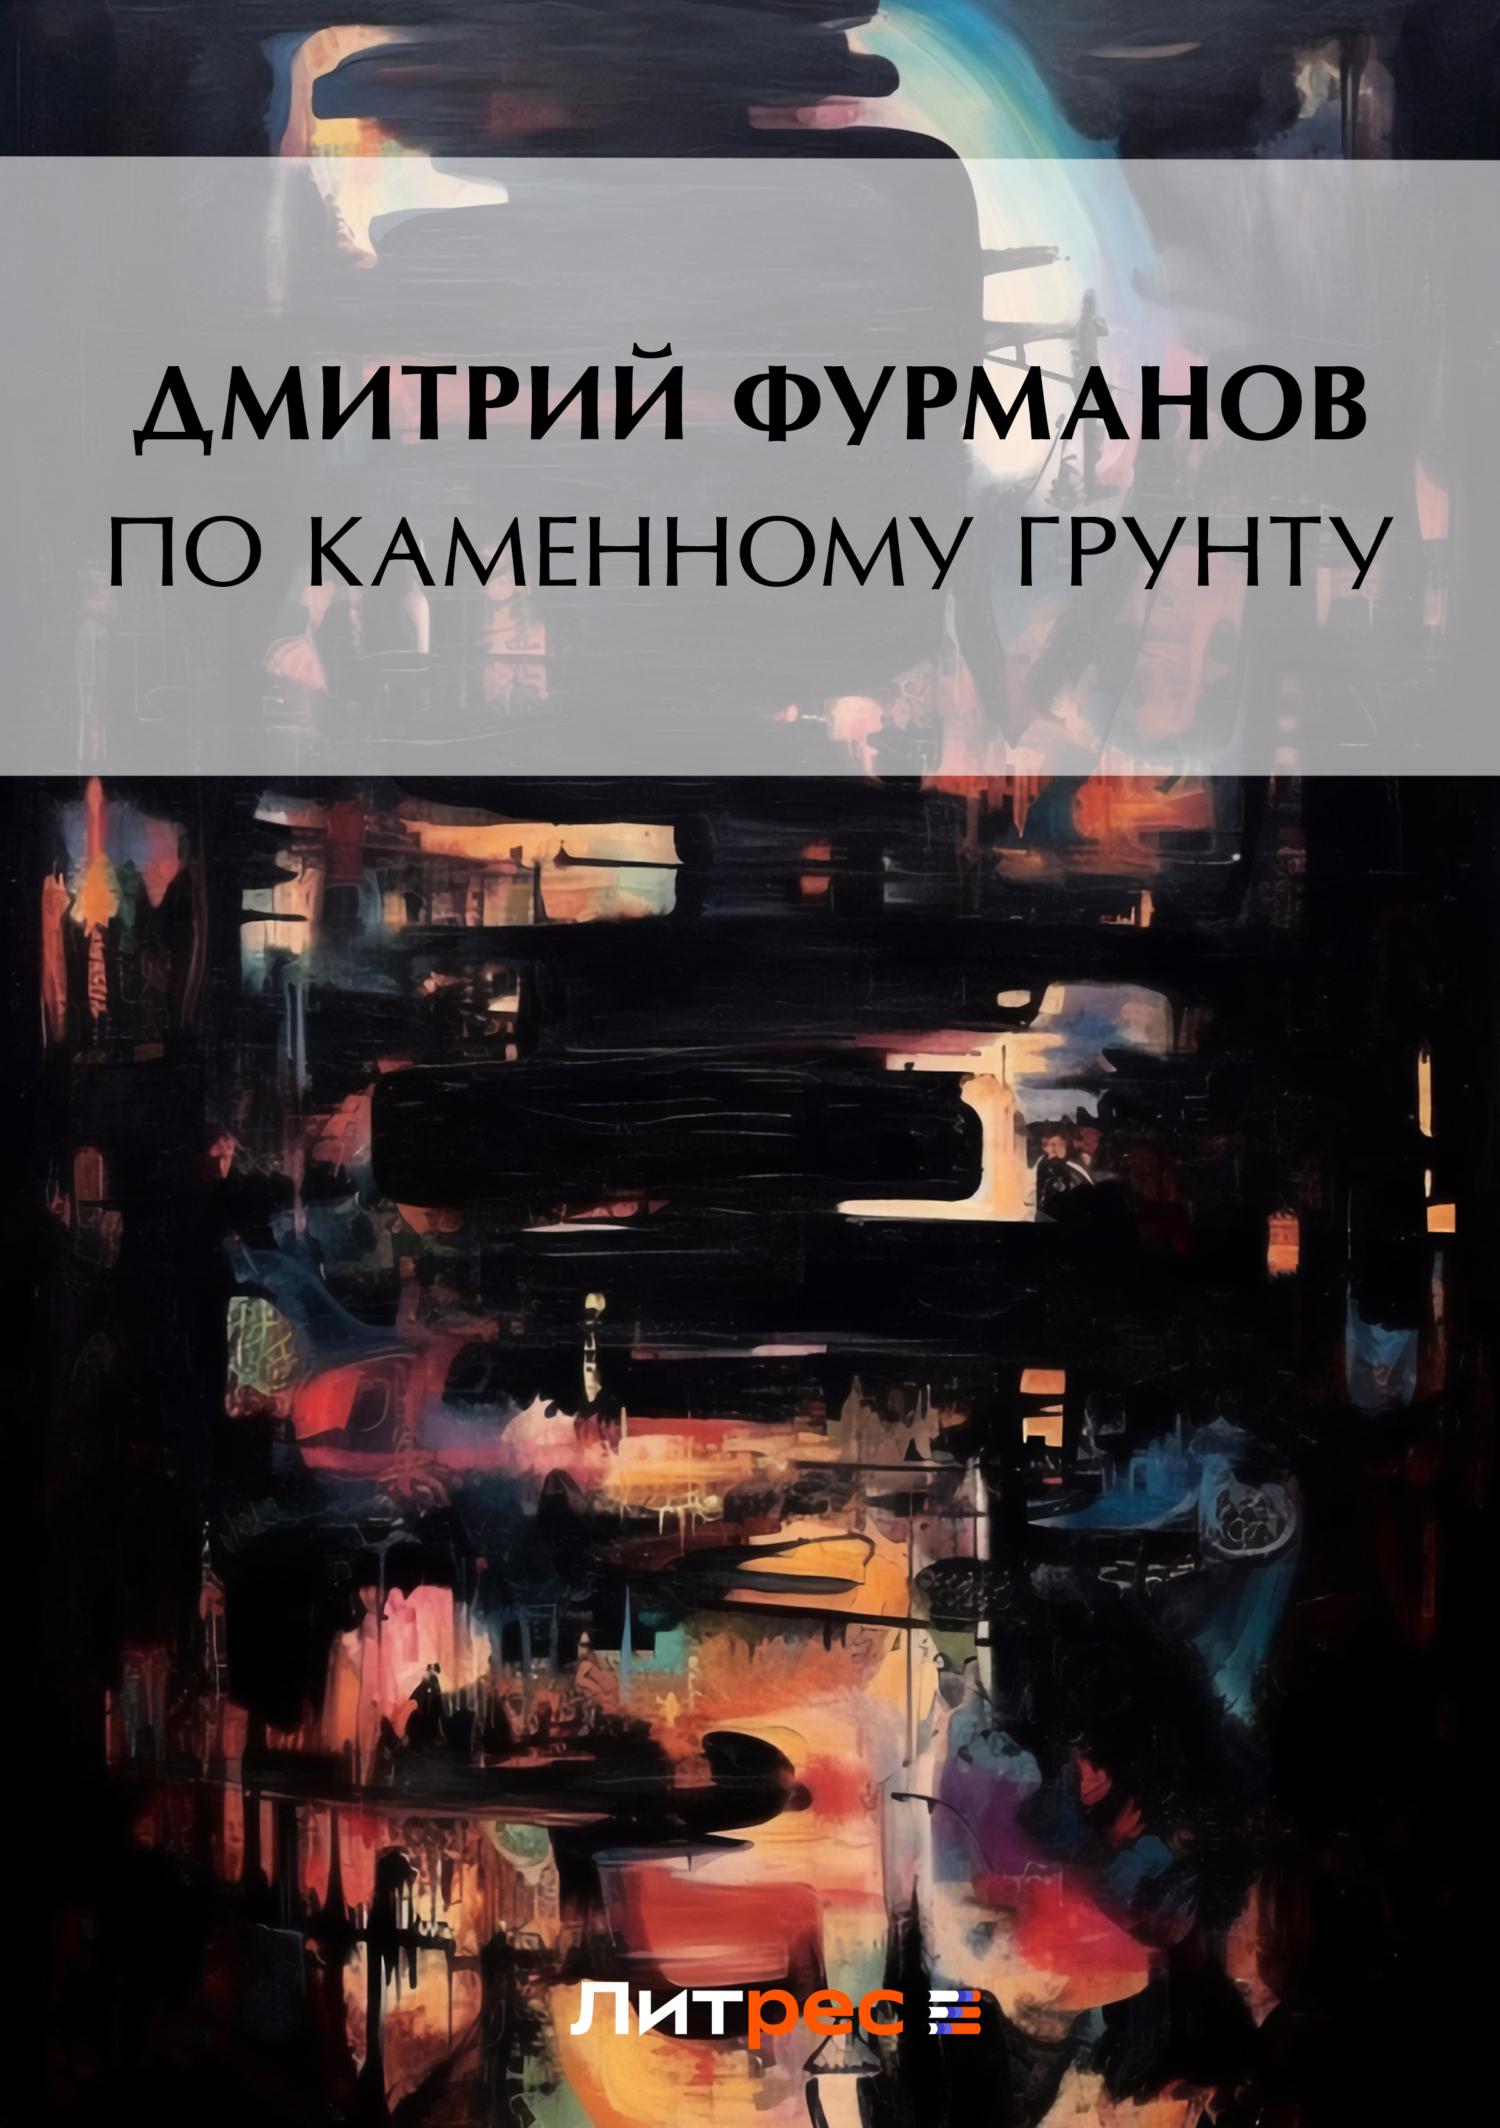 Дмитрий Фурманов По каменному грунту дмитрий фурманов по каменному грунту